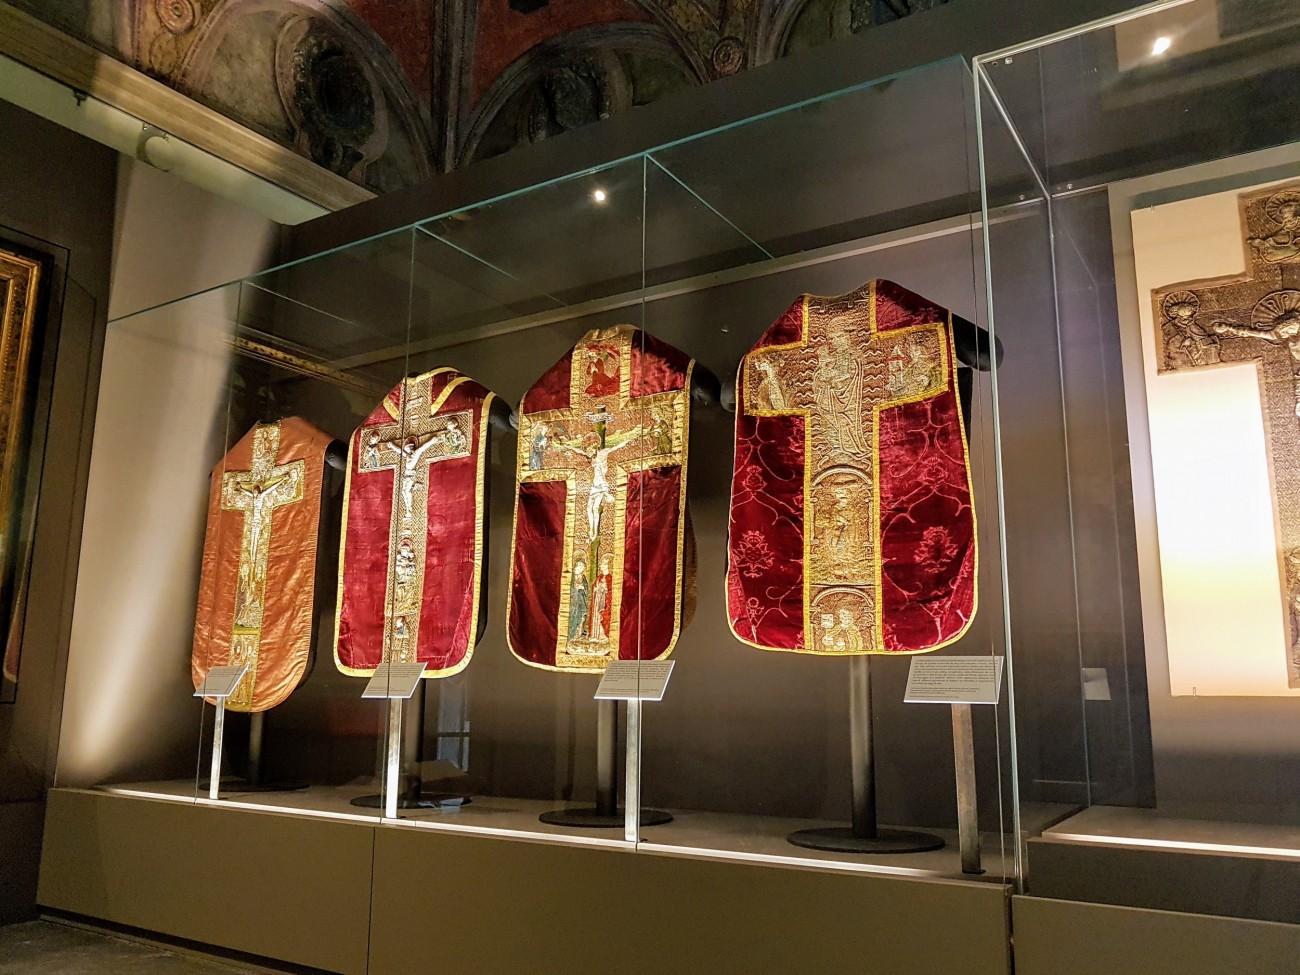 vetreria gottardi, vetreria pergine, gottardi pergine, museo, trento, castello, buonconsiglio, vetro, divisoria, vetro extrachiaro, pergine